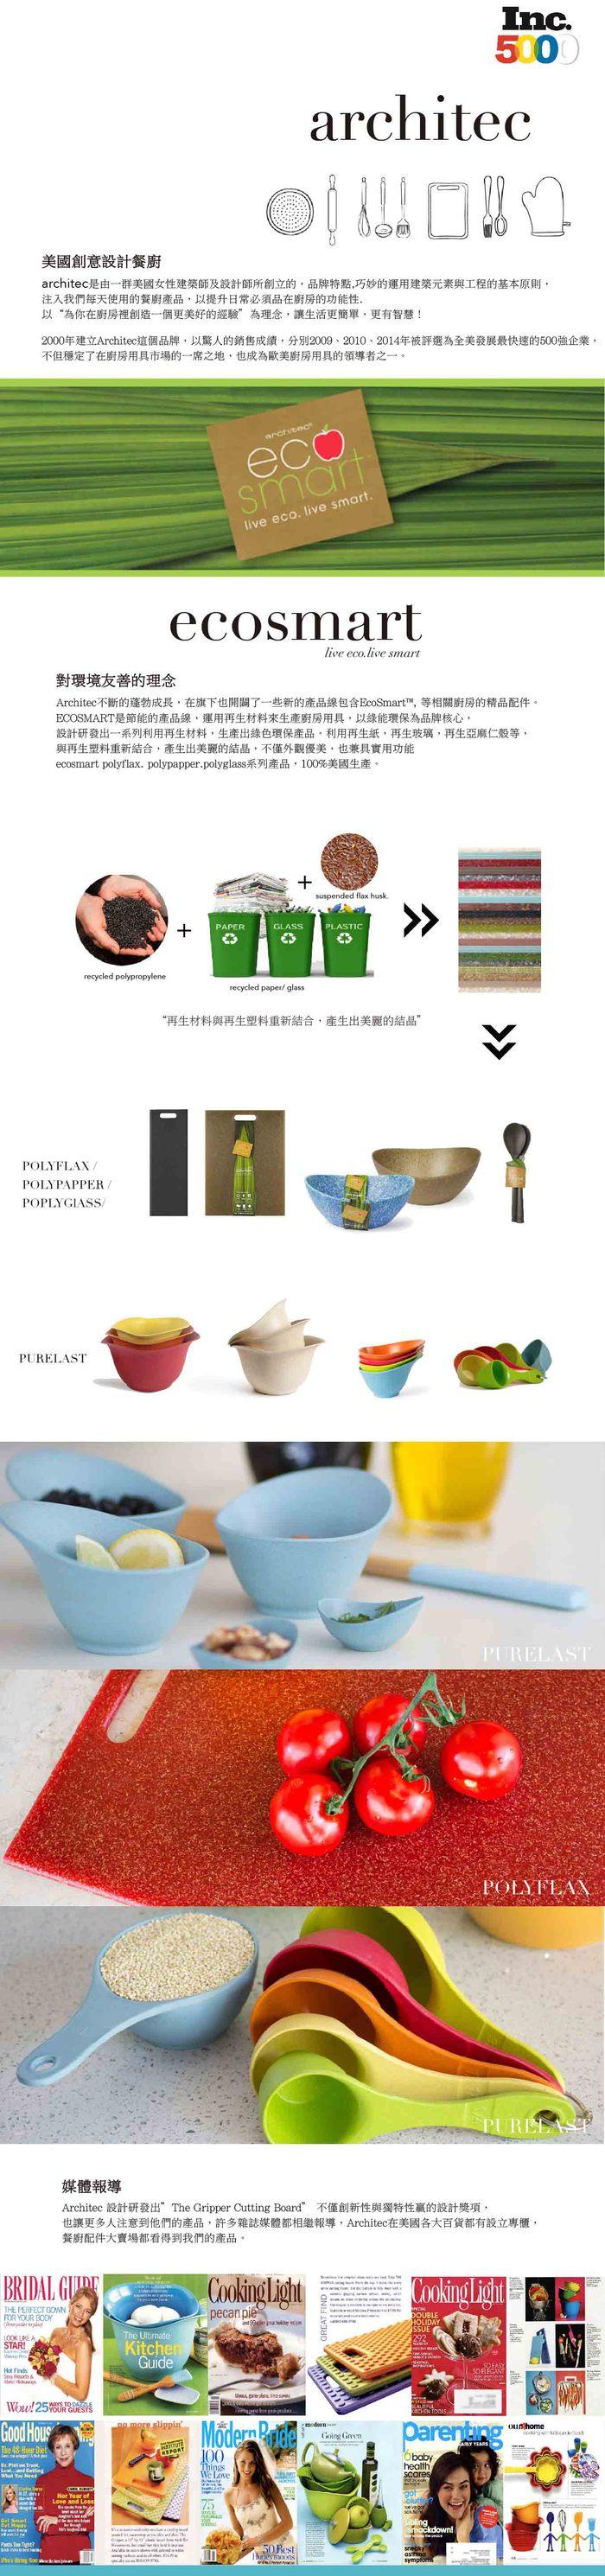 (複製)Architec| Ecosmart 料理餐盆(三件組)-淺綠/亮綠/土耳其藍